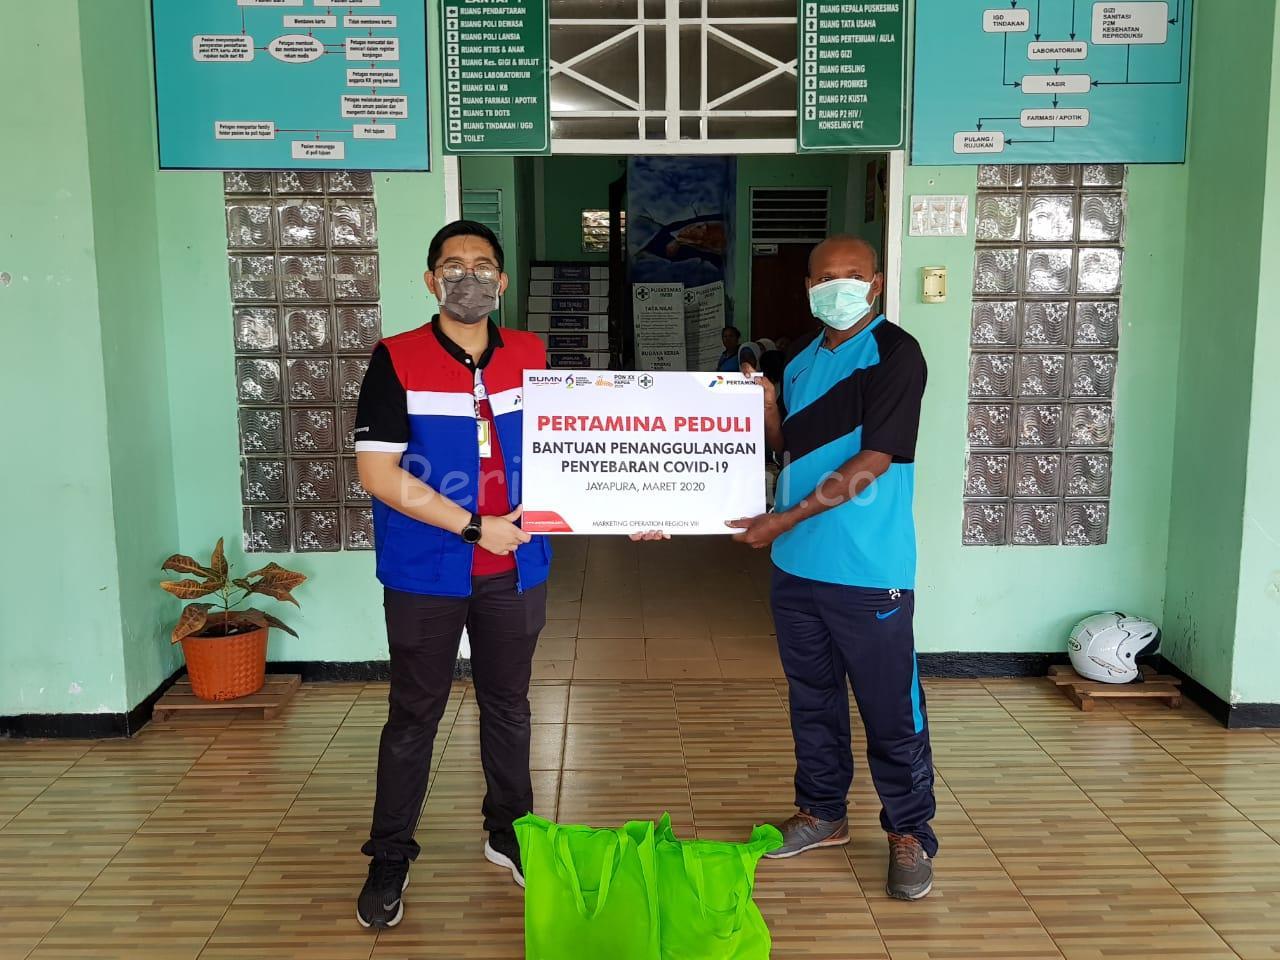 Peduli Cegah Corona, Pertamina Serahkan 200 Paket Bantuan di Puskesmas Imbi Jayapura 4 IMG 20200320 WA0118